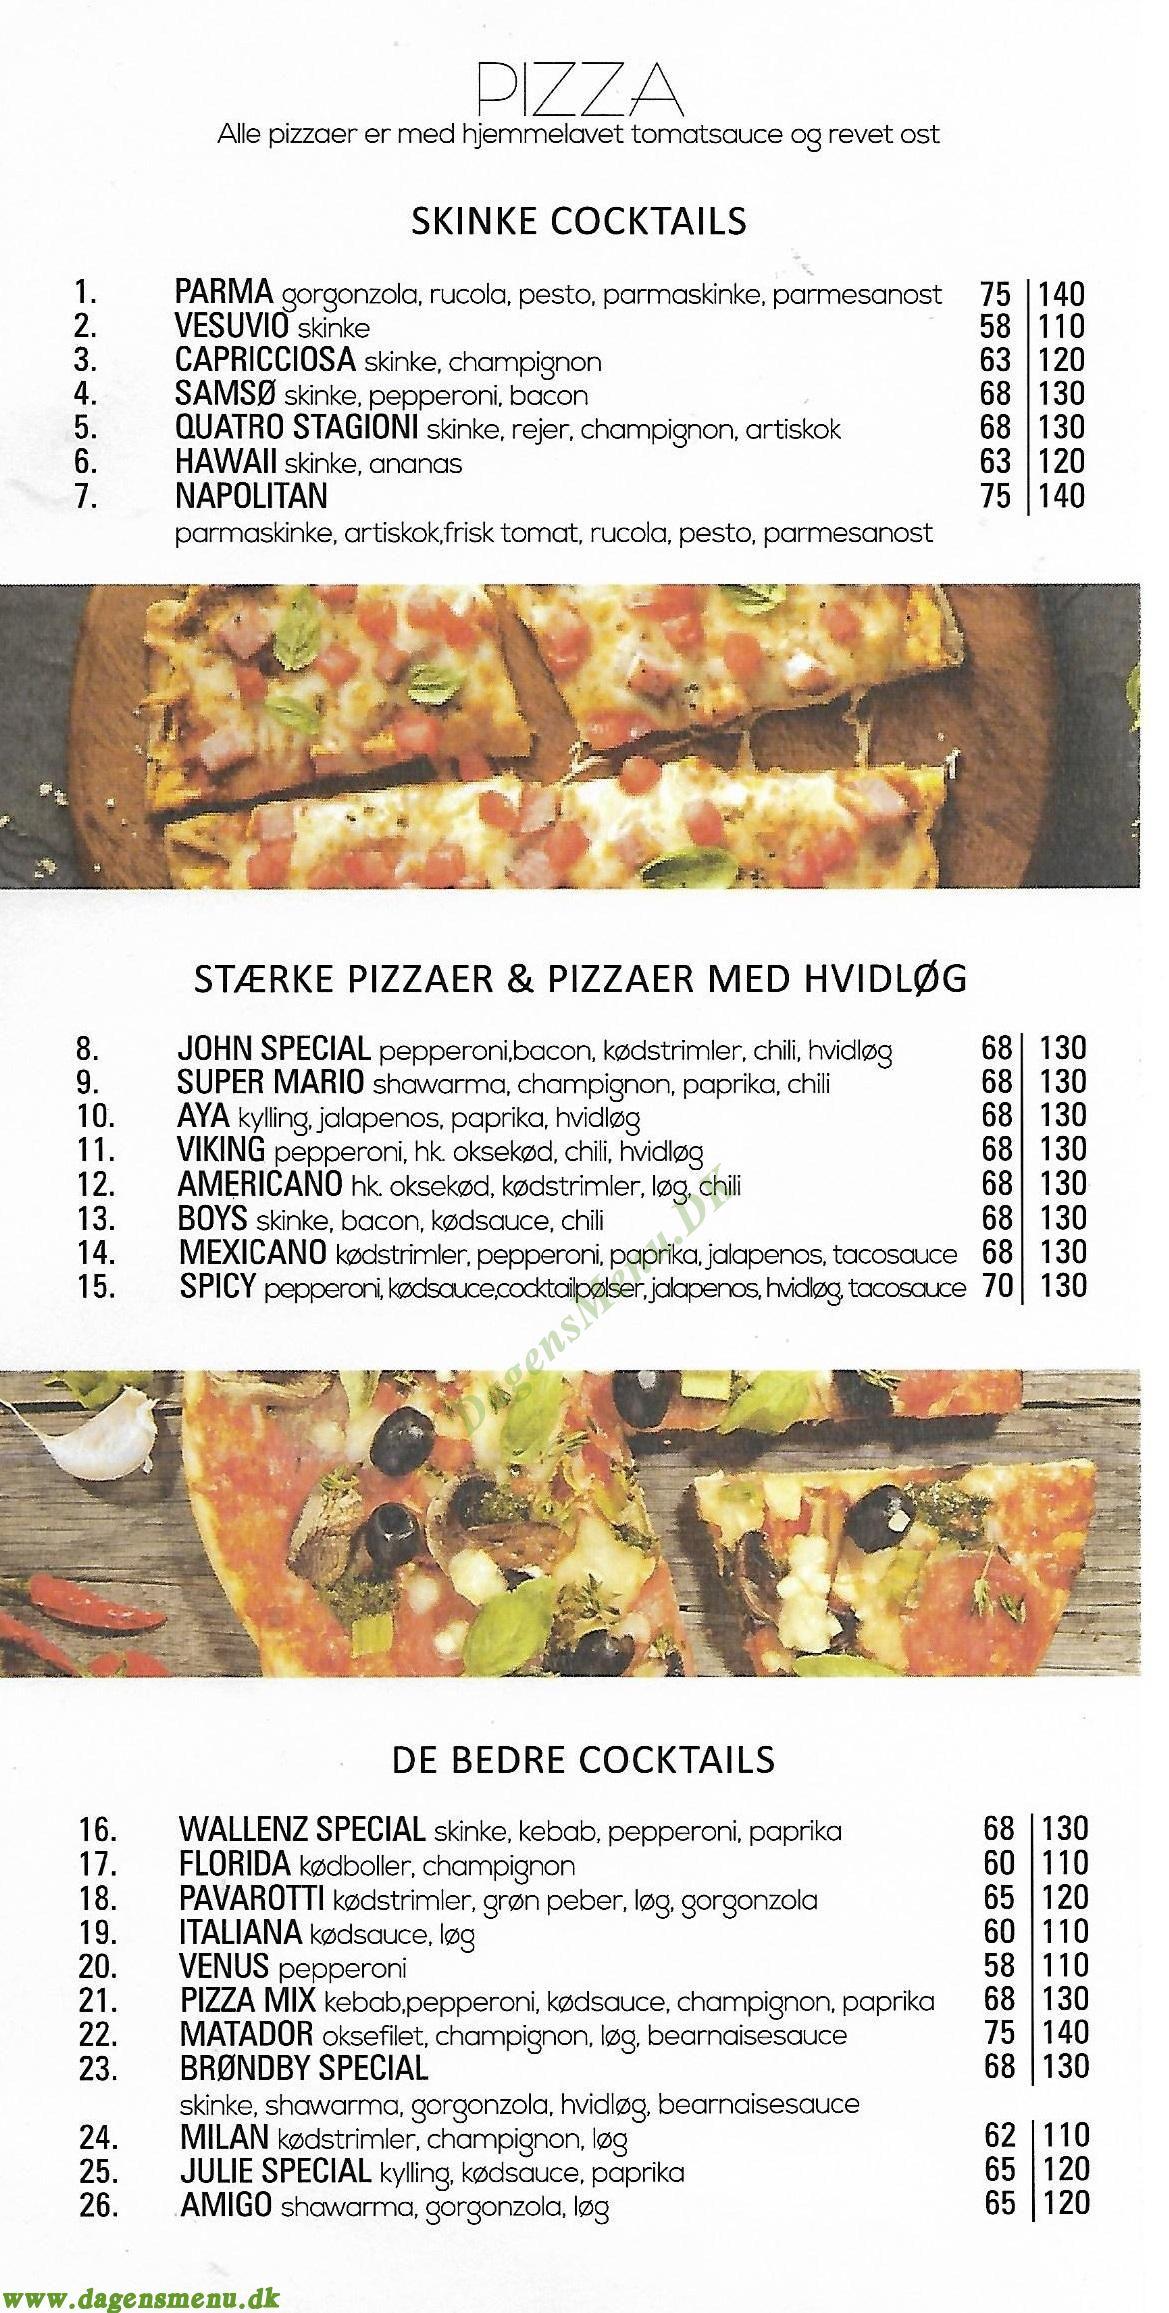 Wallenz Restaurant & Café - Menukort